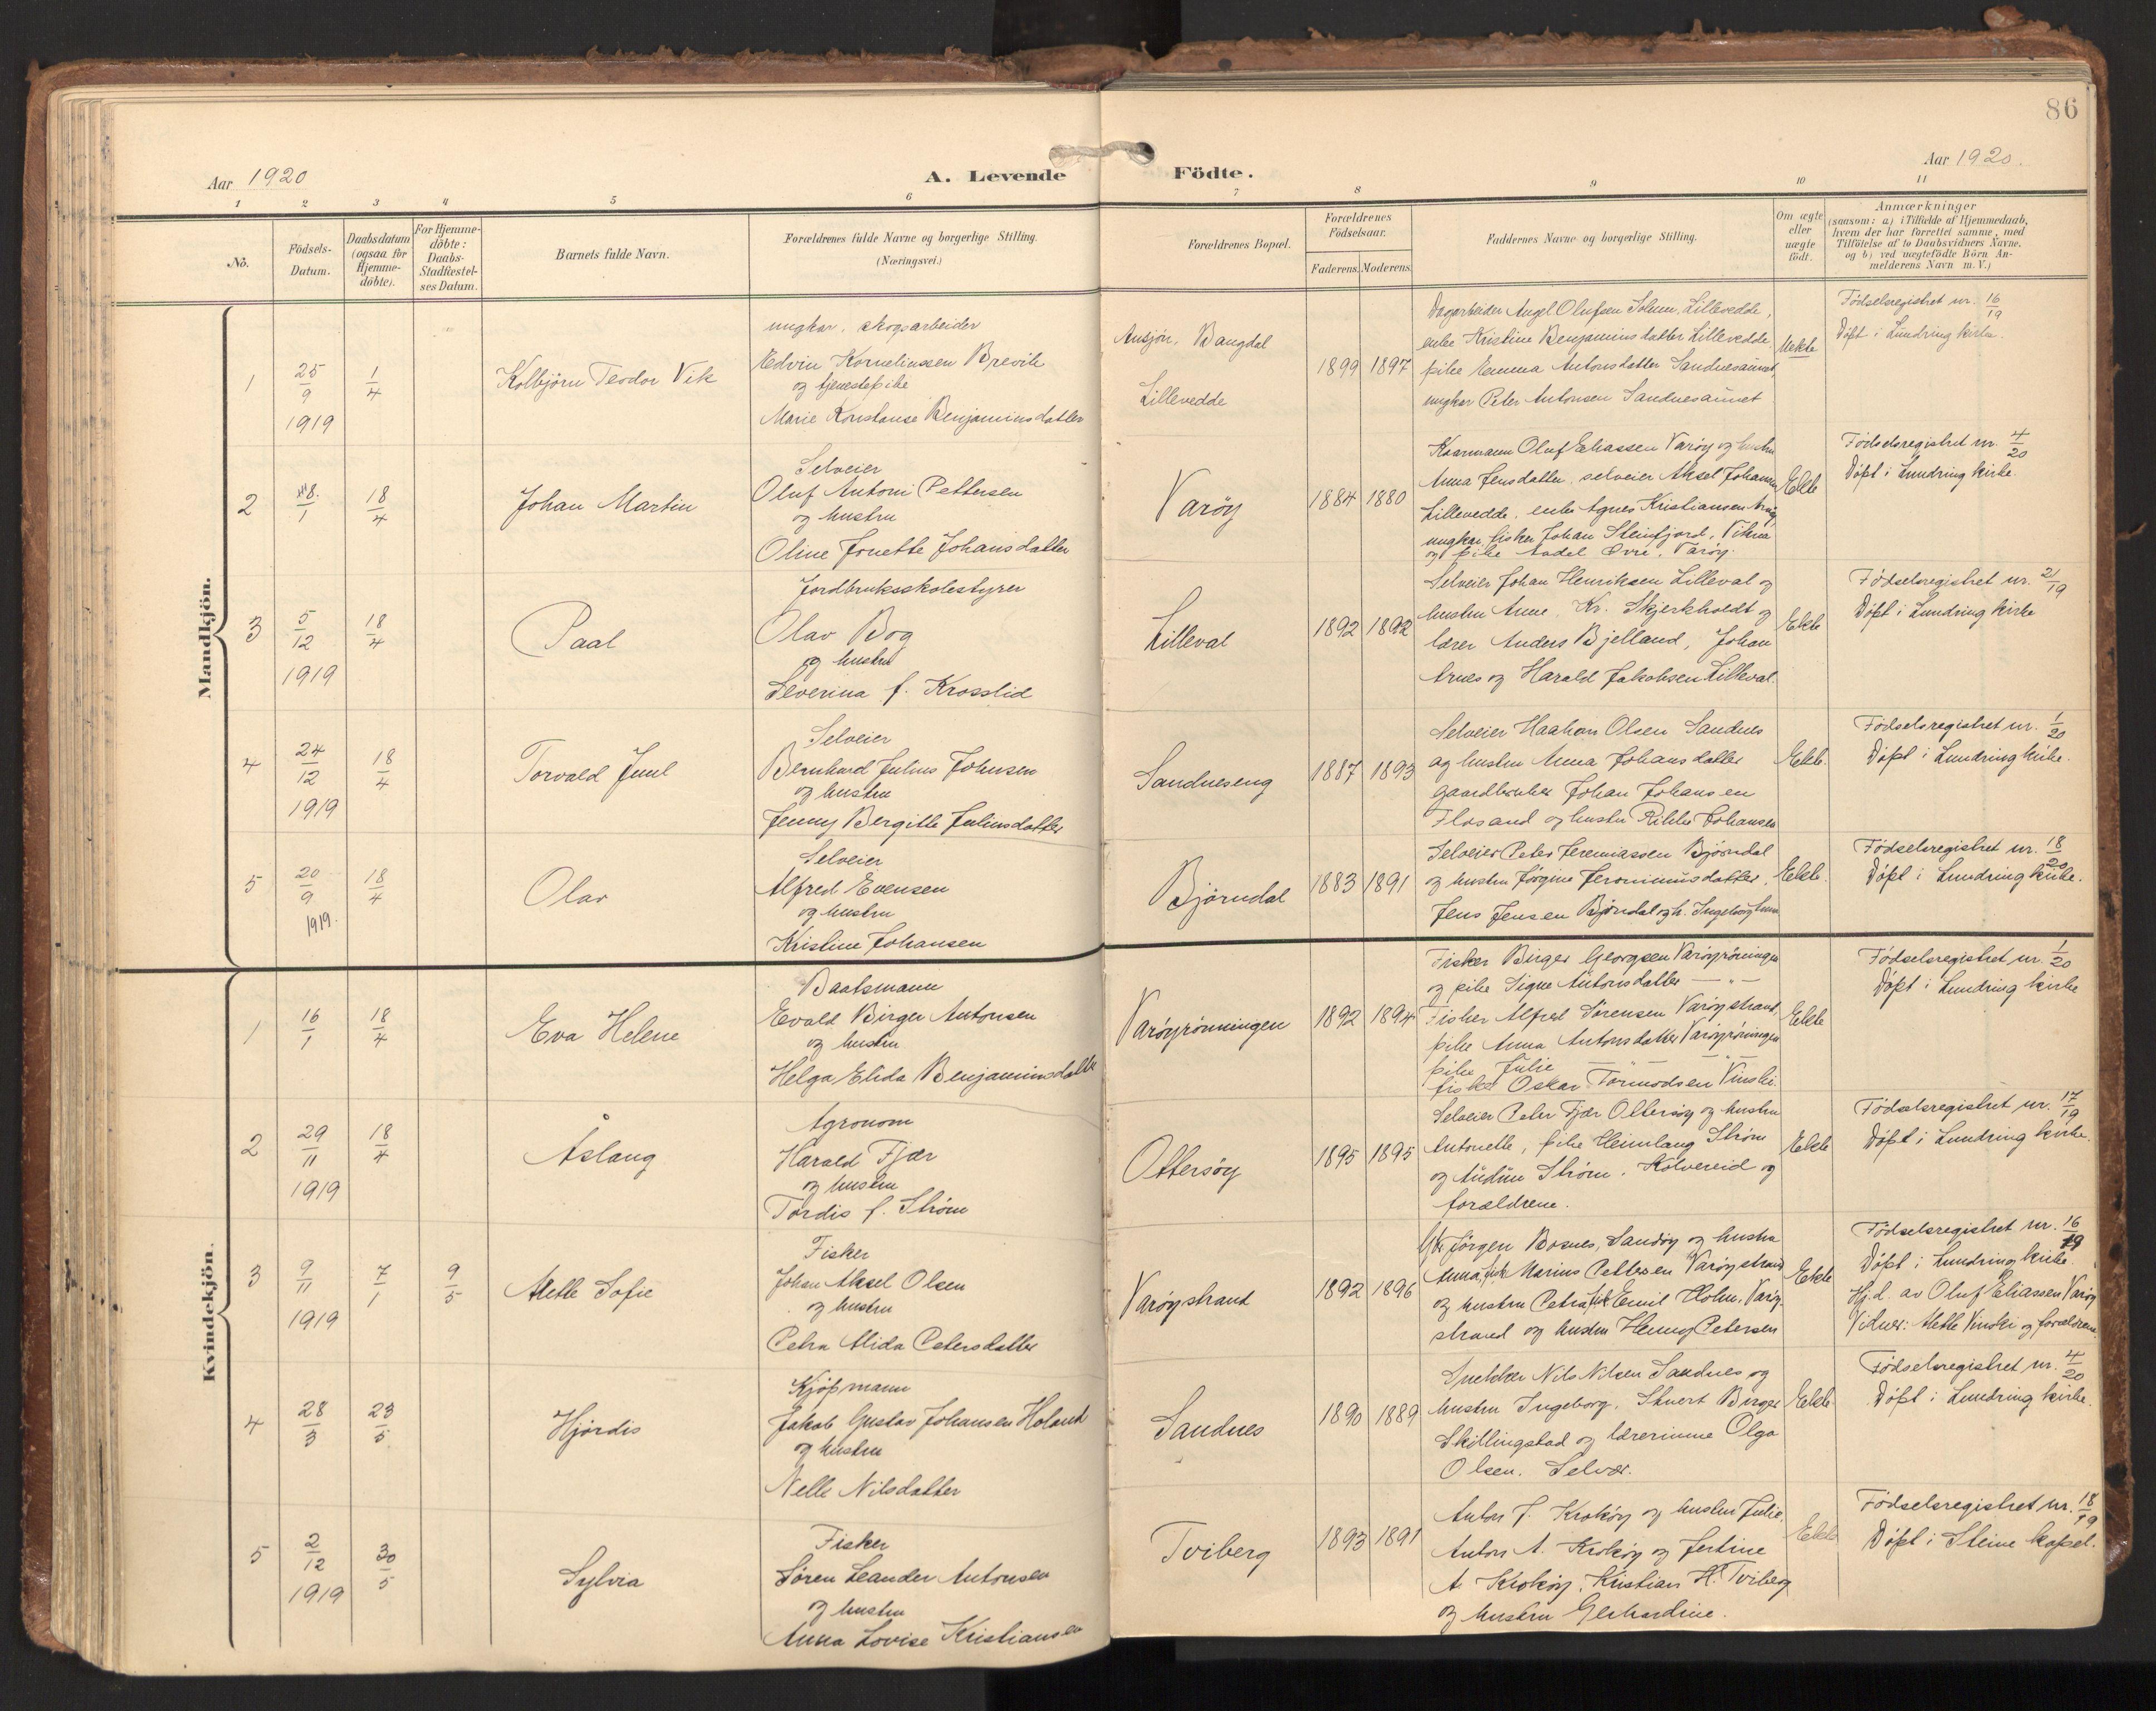 SAT, Ministerialprotokoller, klokkerbøker og fødselsregistre - Nord-Trøndelag, 784/L0677: Ministerialbok nr. 784A12, 1900-1920, s. 86